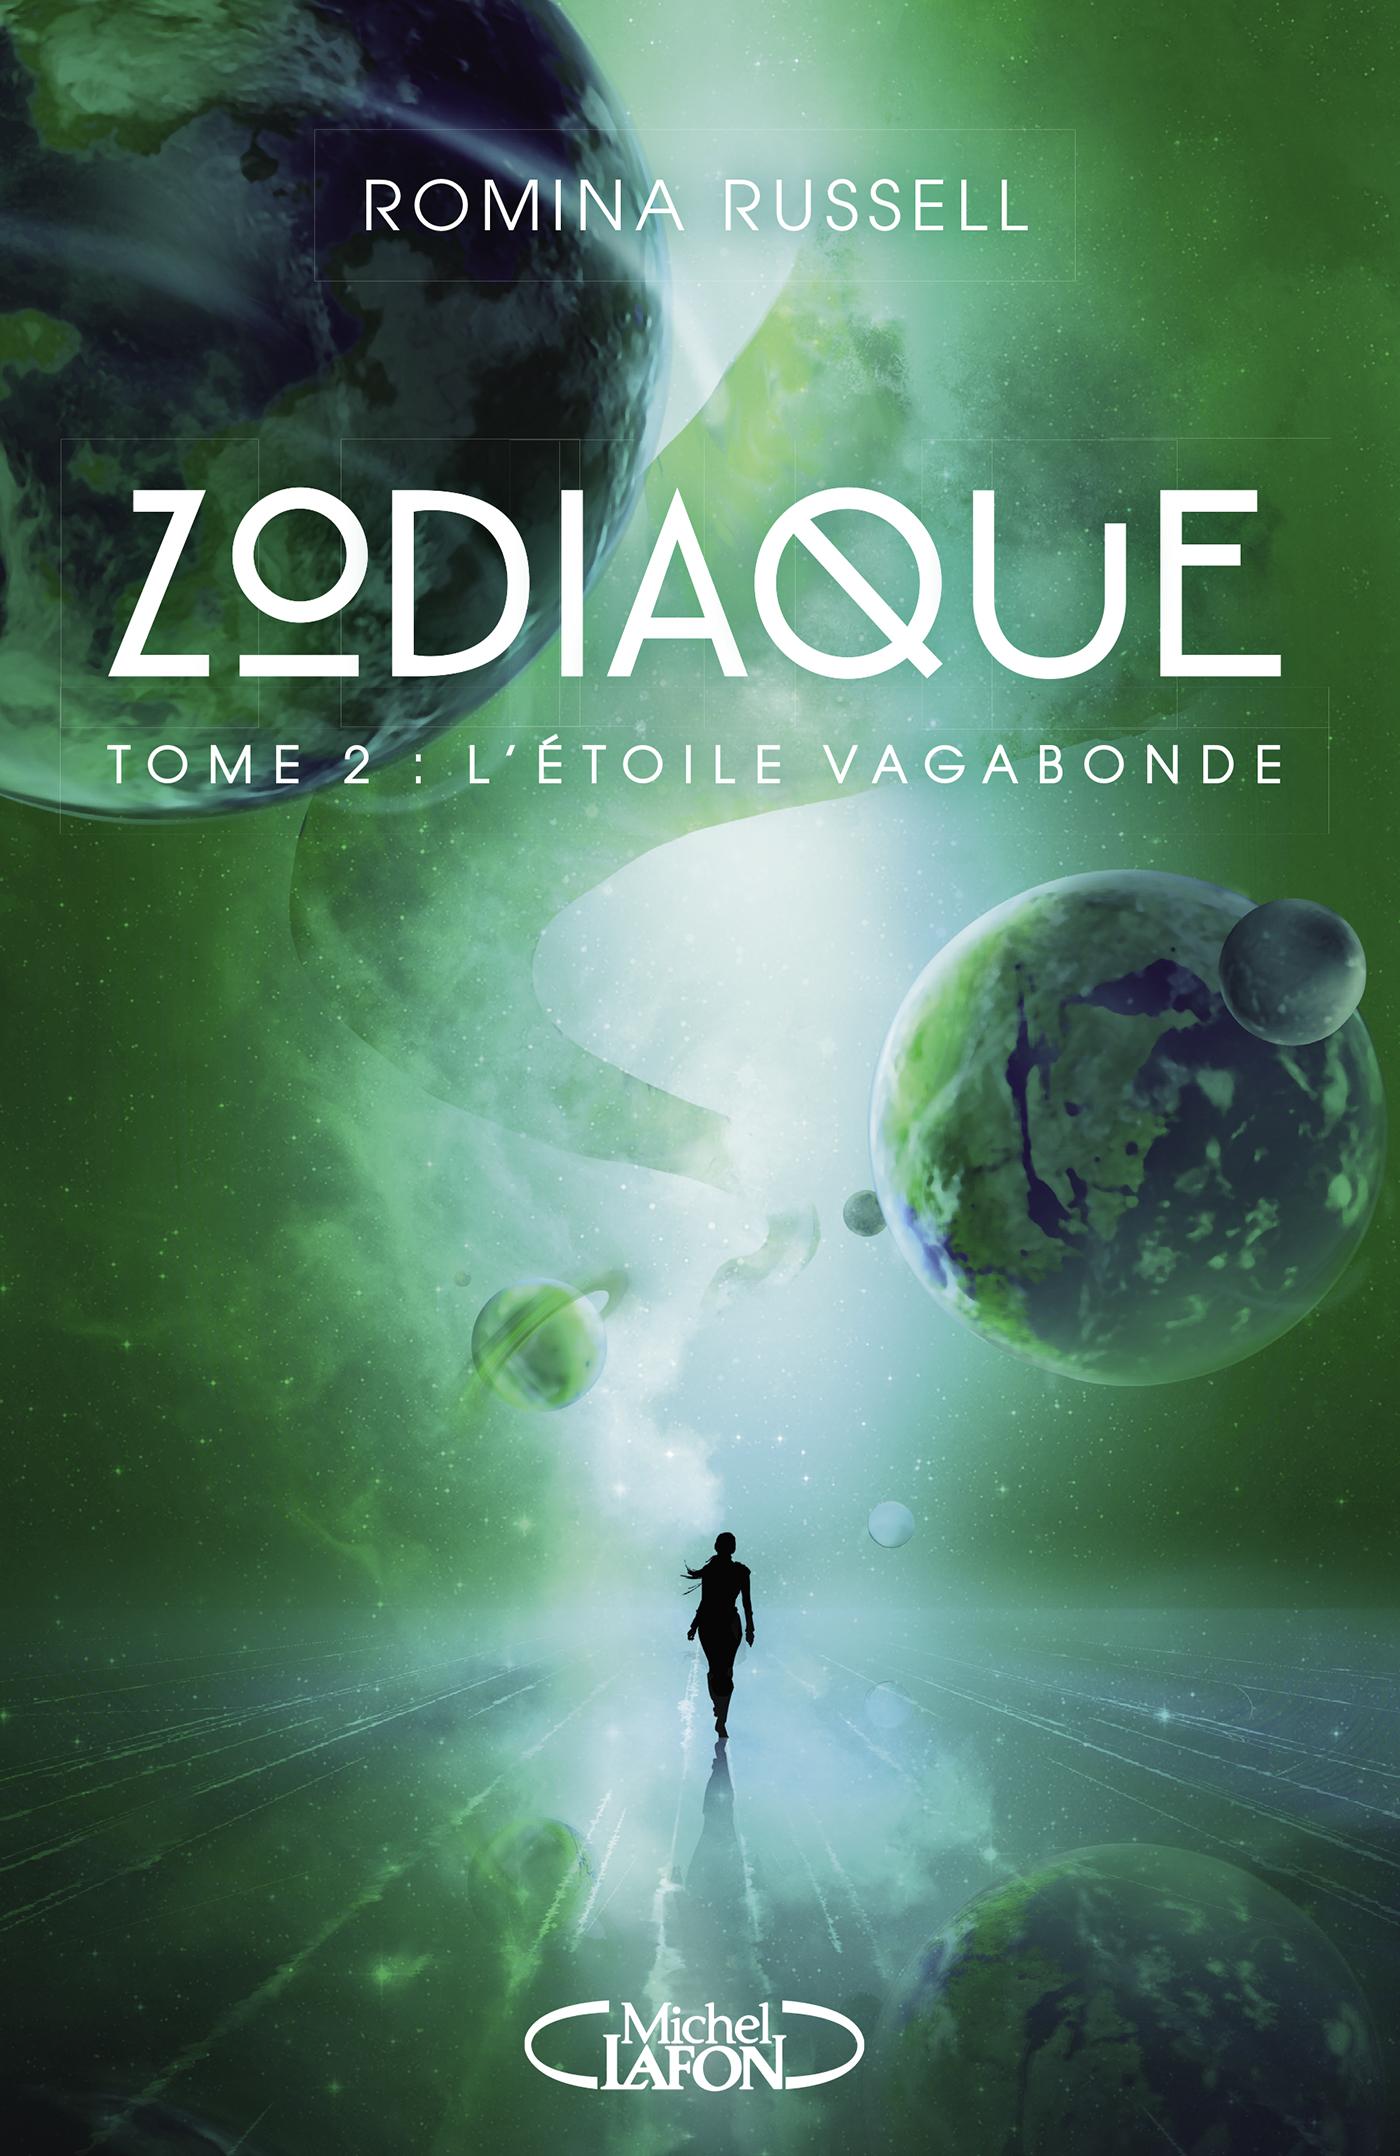 Zodiaque – Tome 2: L'étoile vagabonde